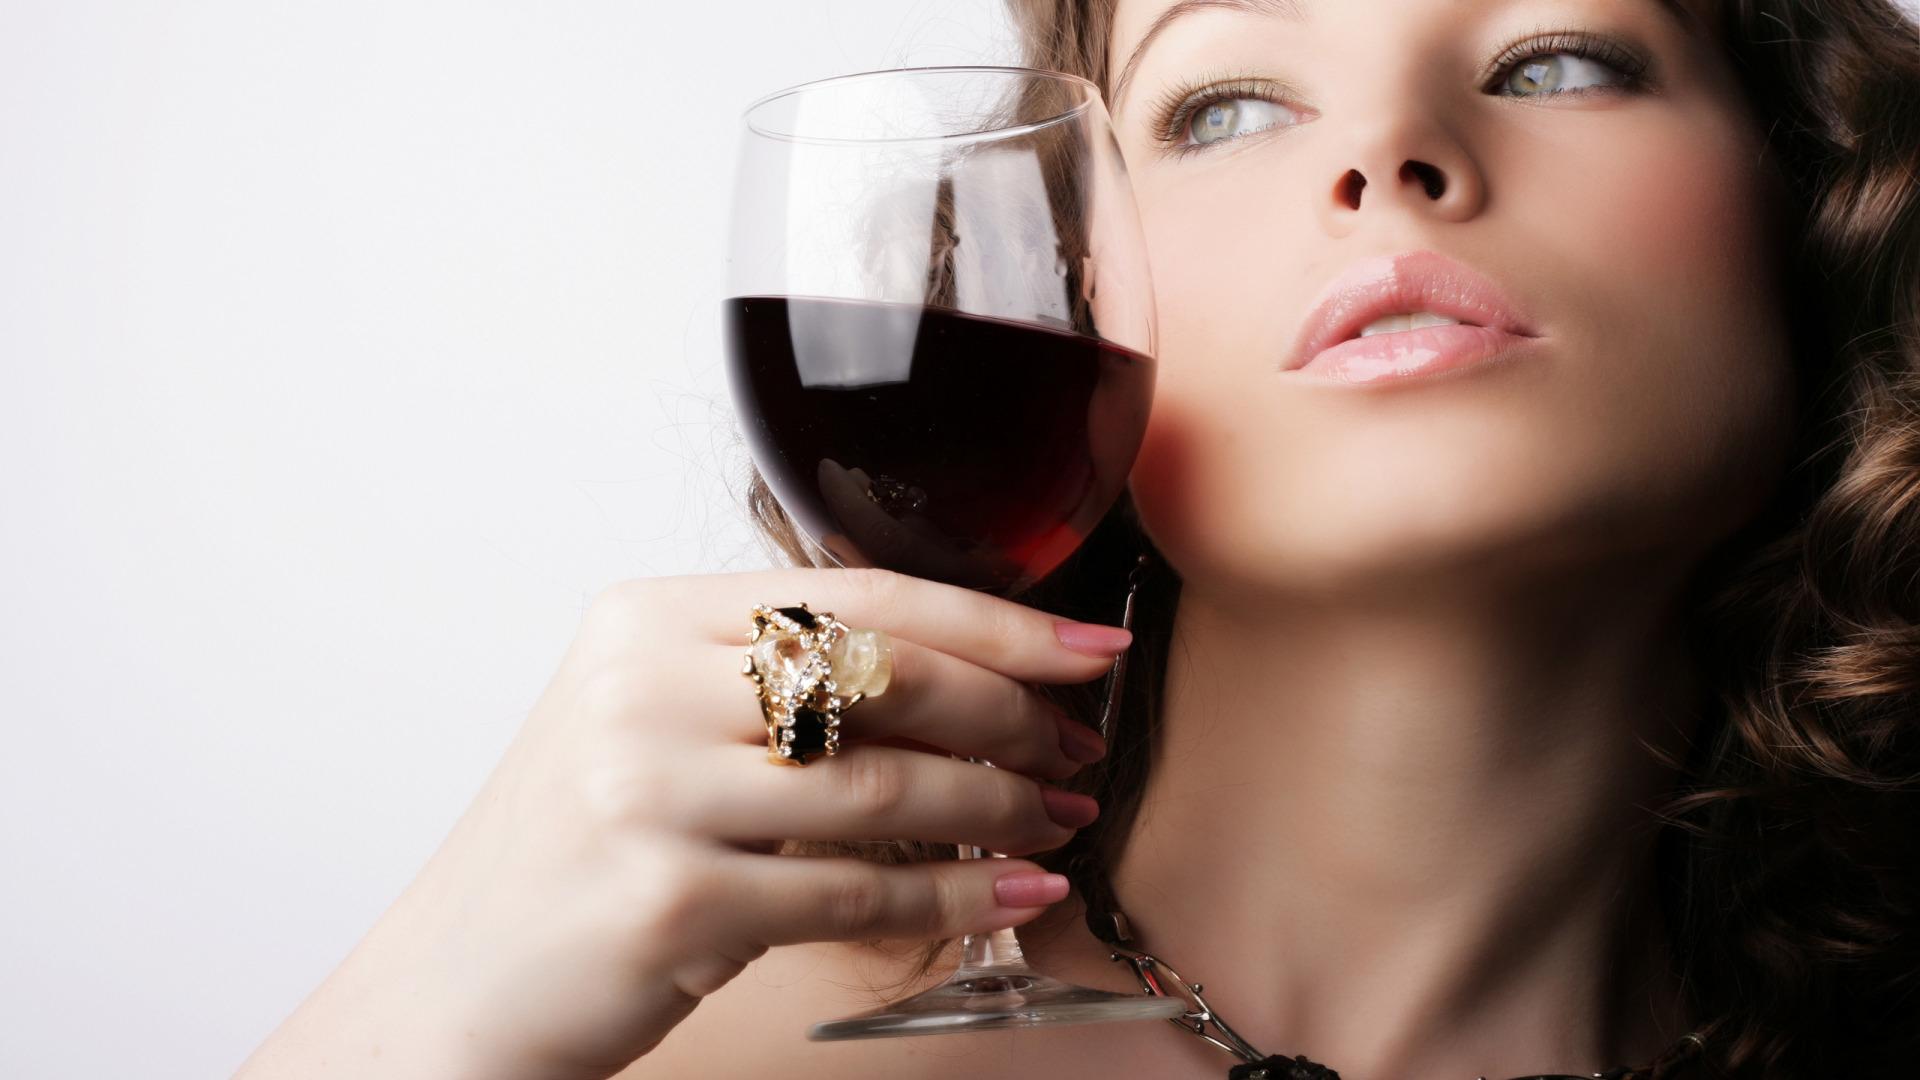 Для светланы, картинки девушка с бокалом вина на аву